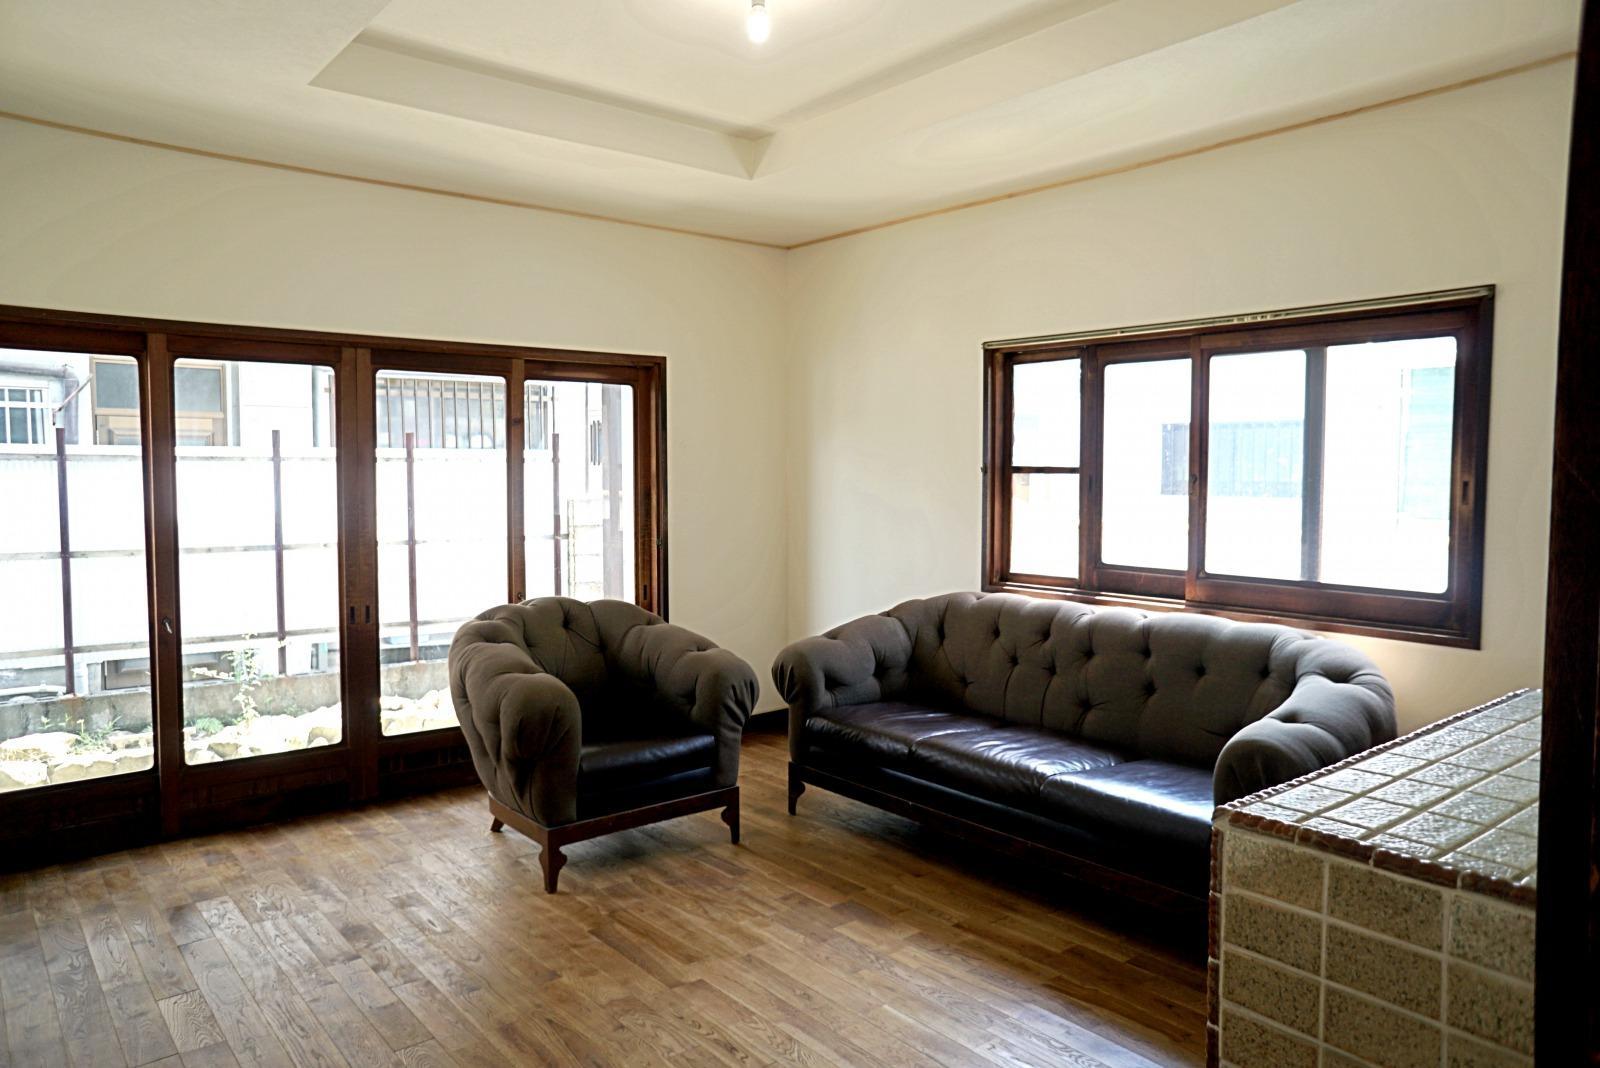 玄関入って右側の洋室、大きな窓の外には屋根があります。